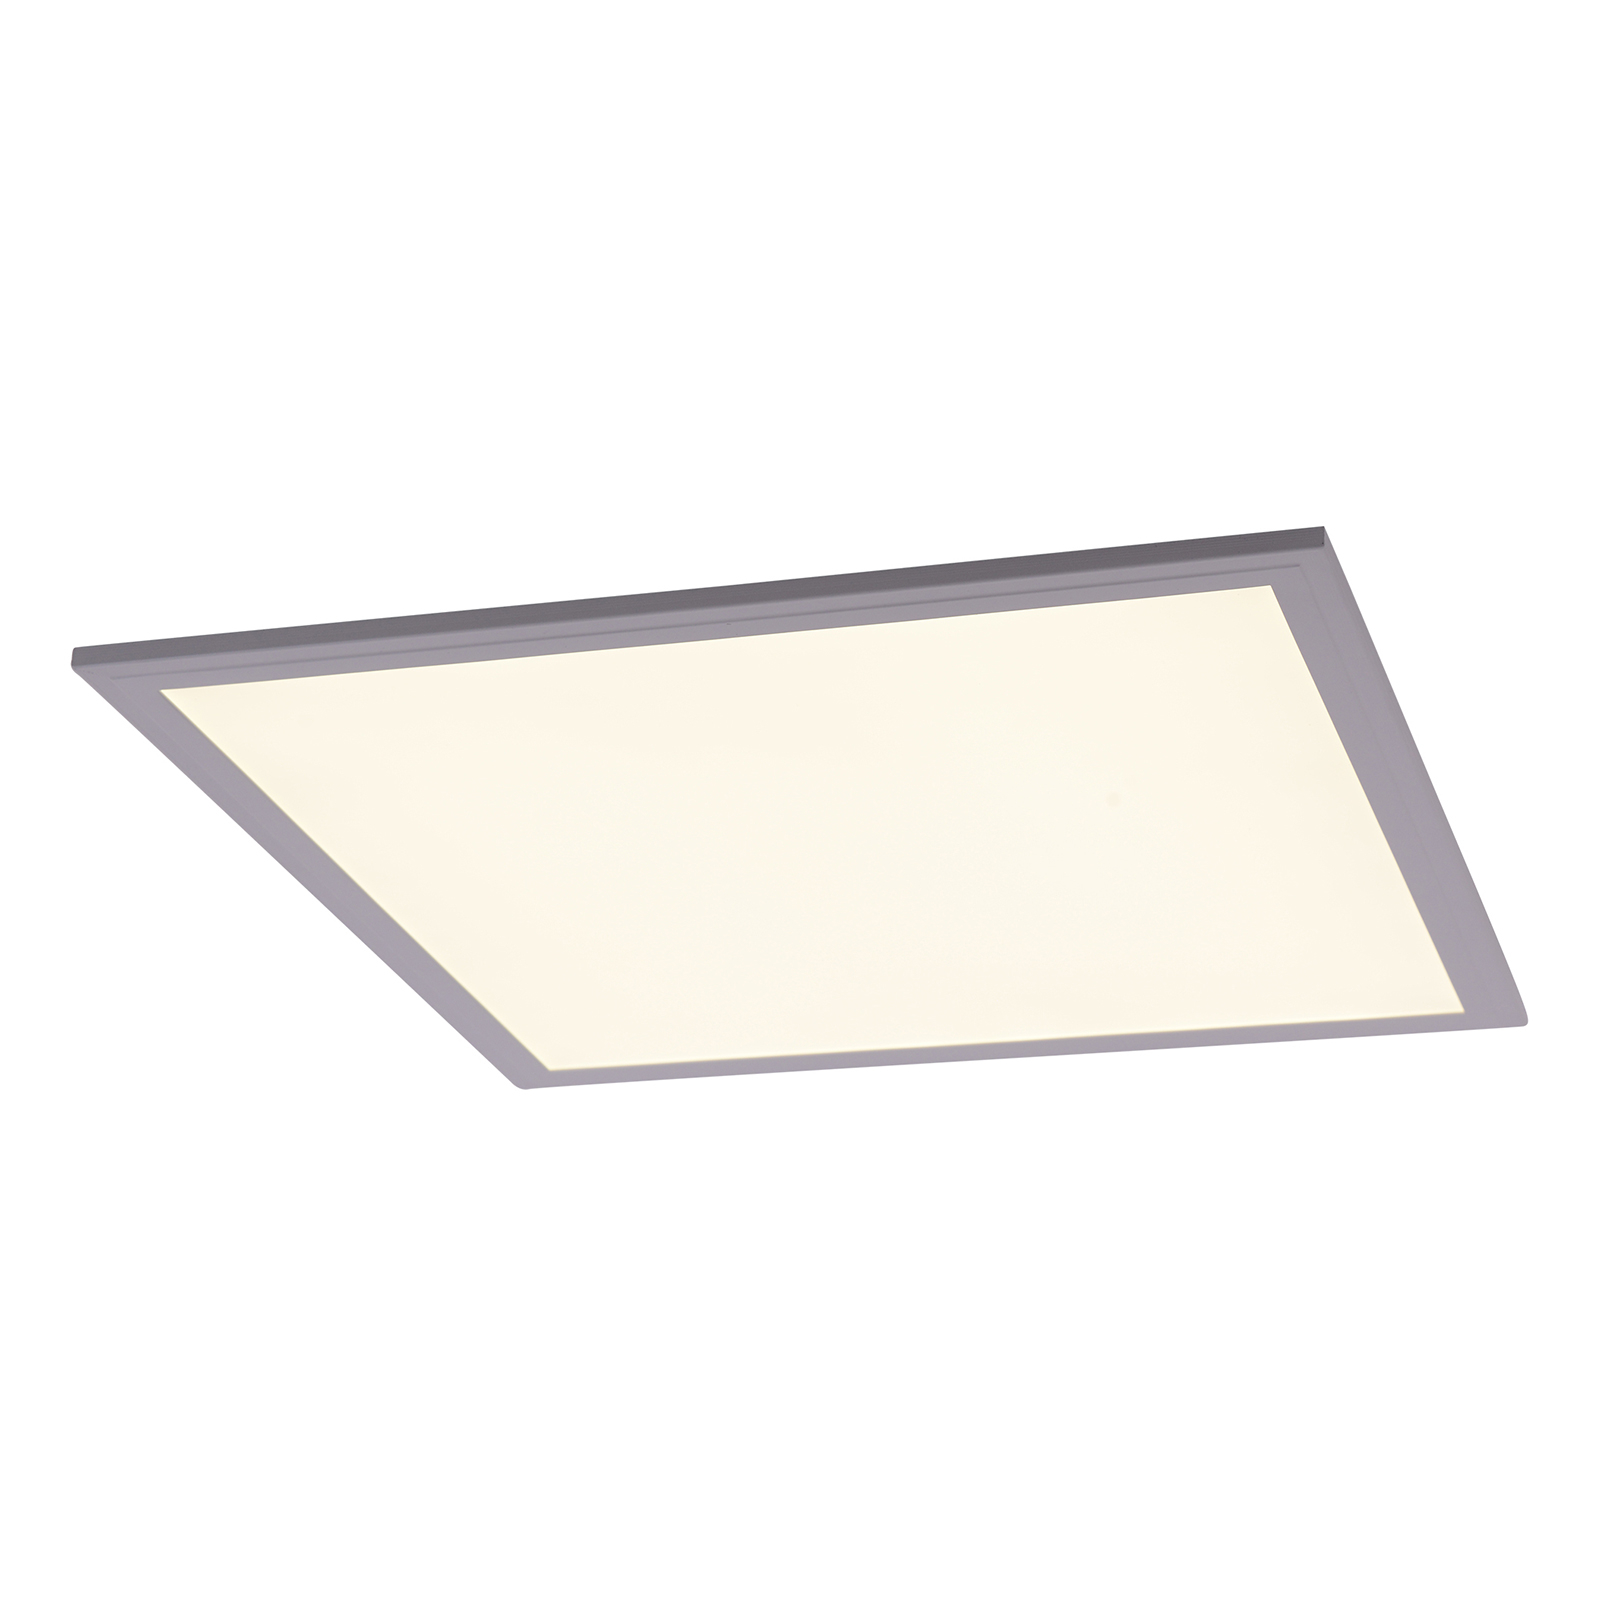 LED-paneeli 1297903 uppo- tai pääliasen., 45x45 cm